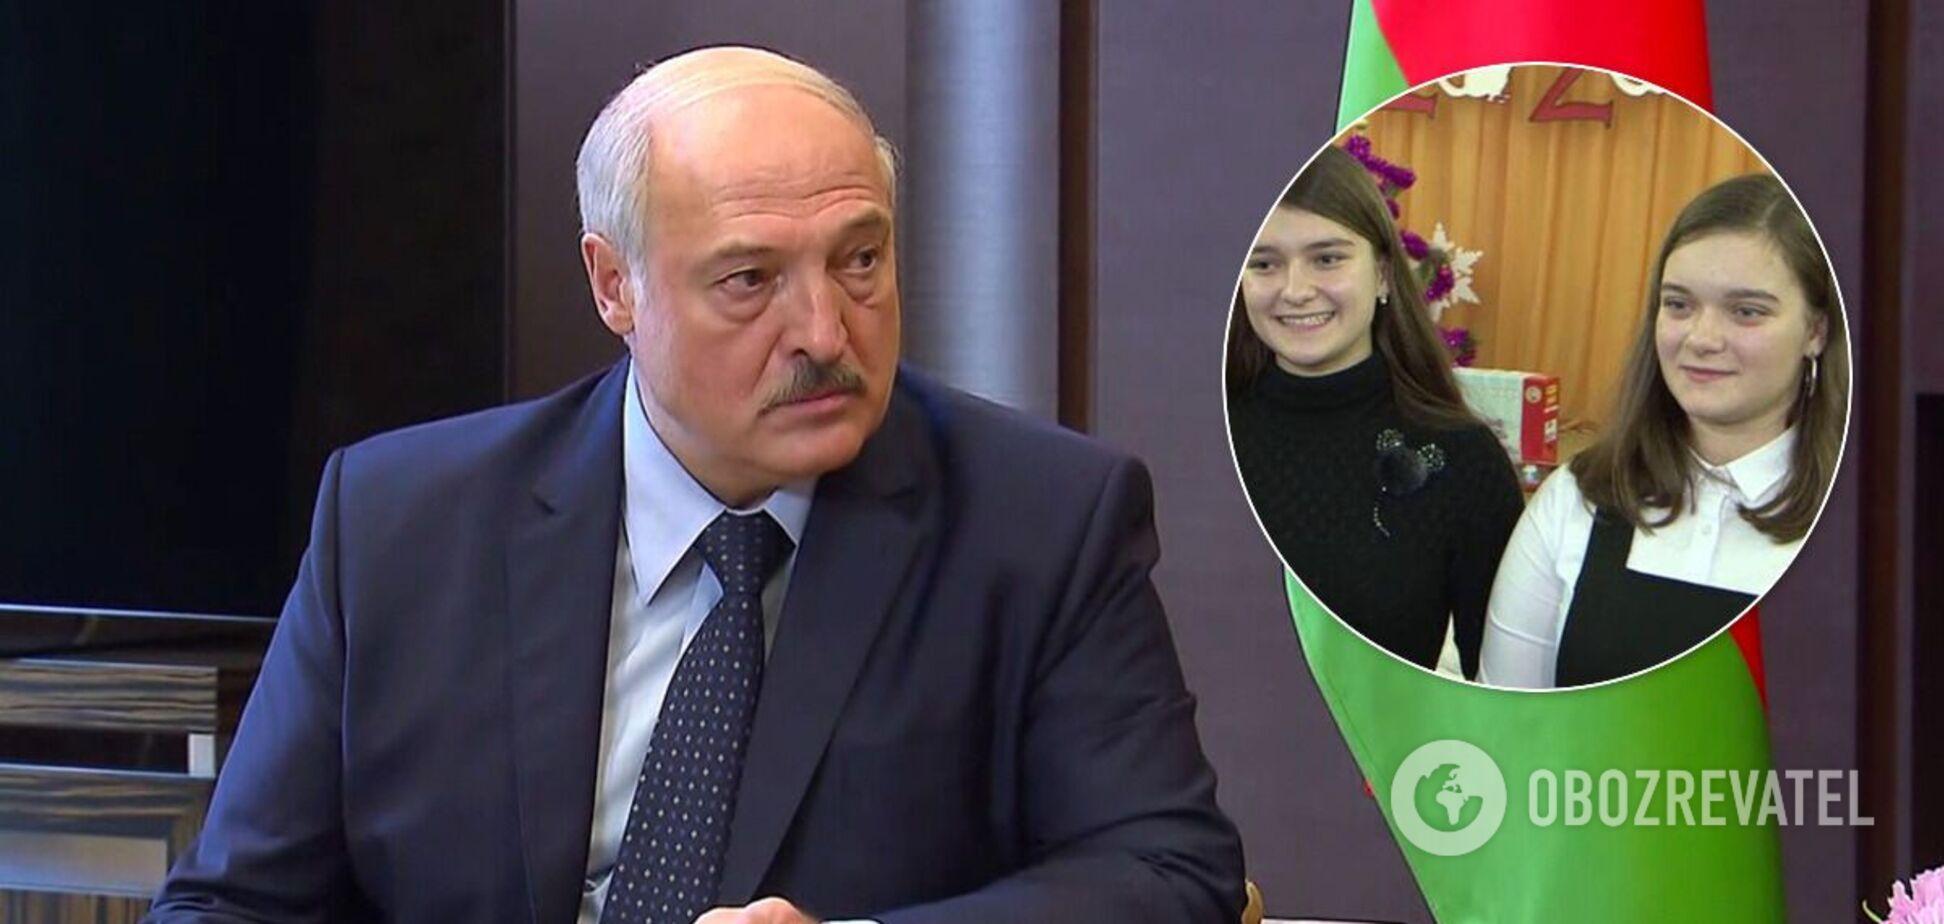 Внучки Лукашенка слідом за його сином забрали документи з ліцею – ЗМІ